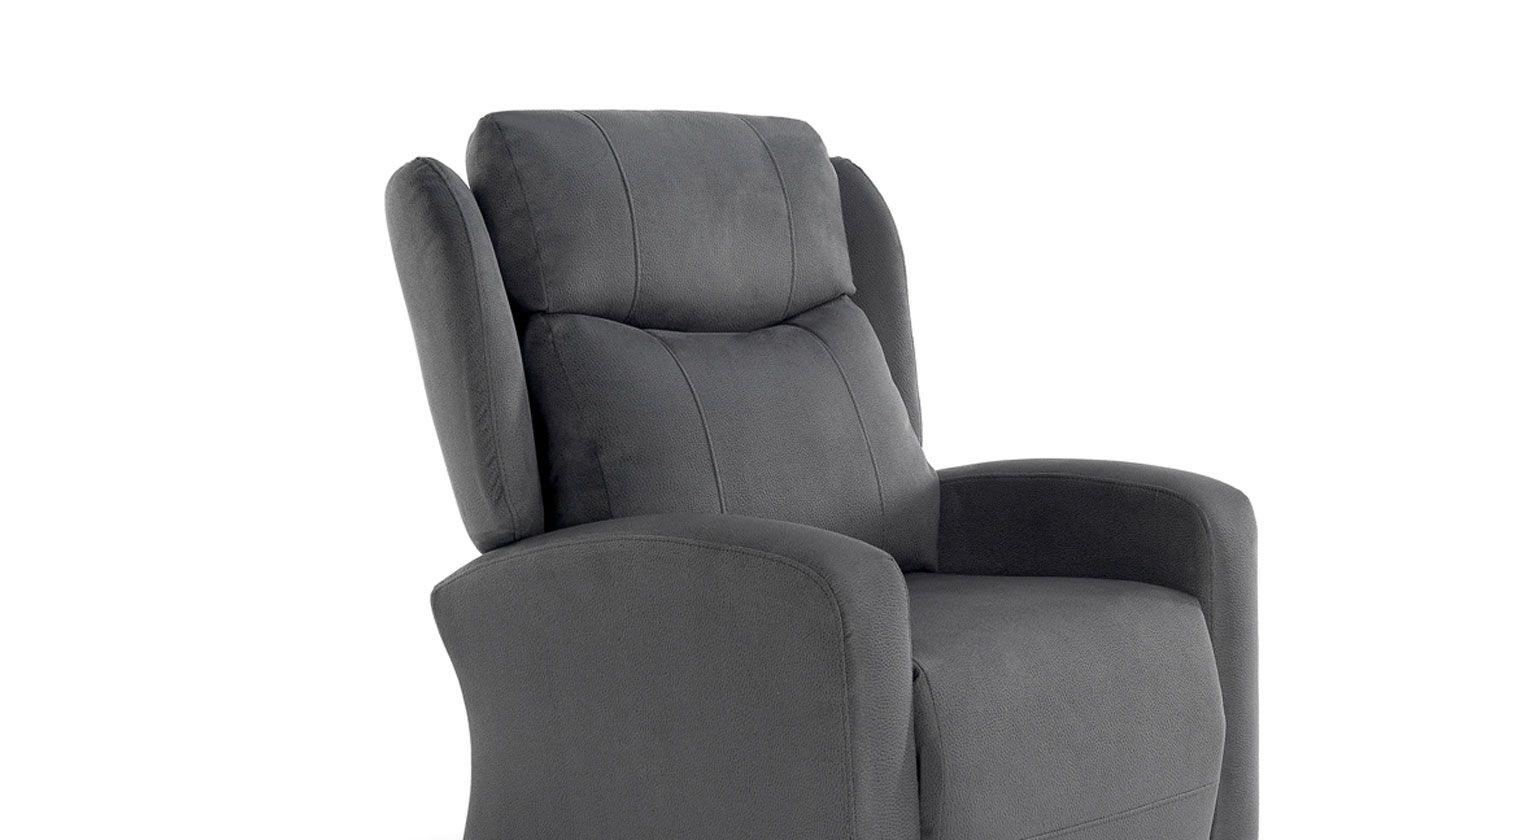 Comprar Sill N Relax Heid Sill N Relax Elevador Microfibra